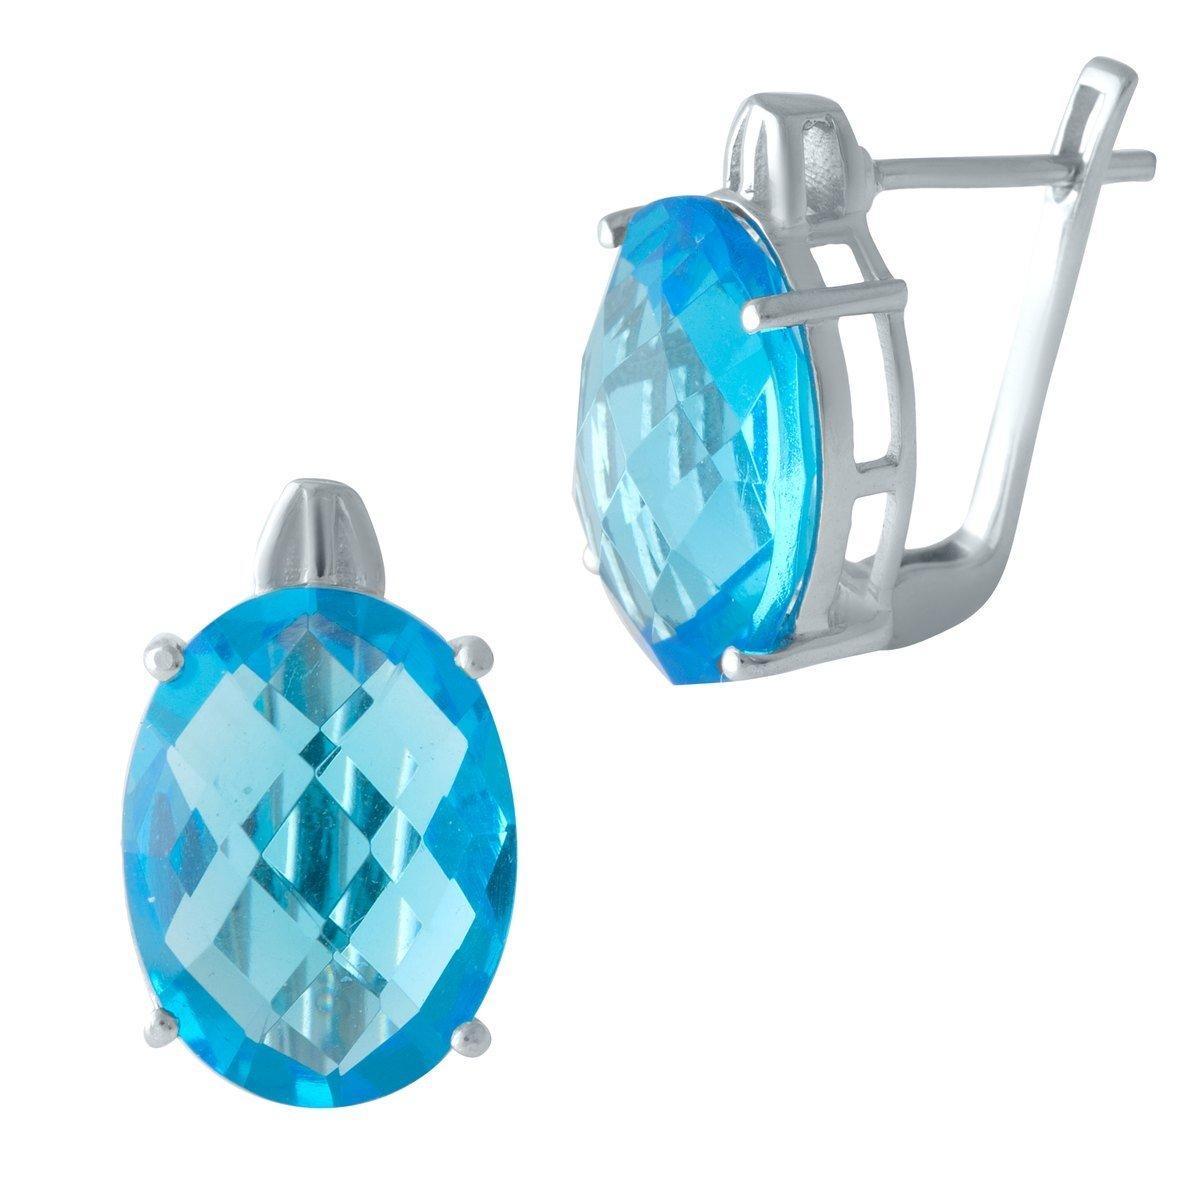 Срібні сережки DreamJewelry з аквамарином nano (1997437)